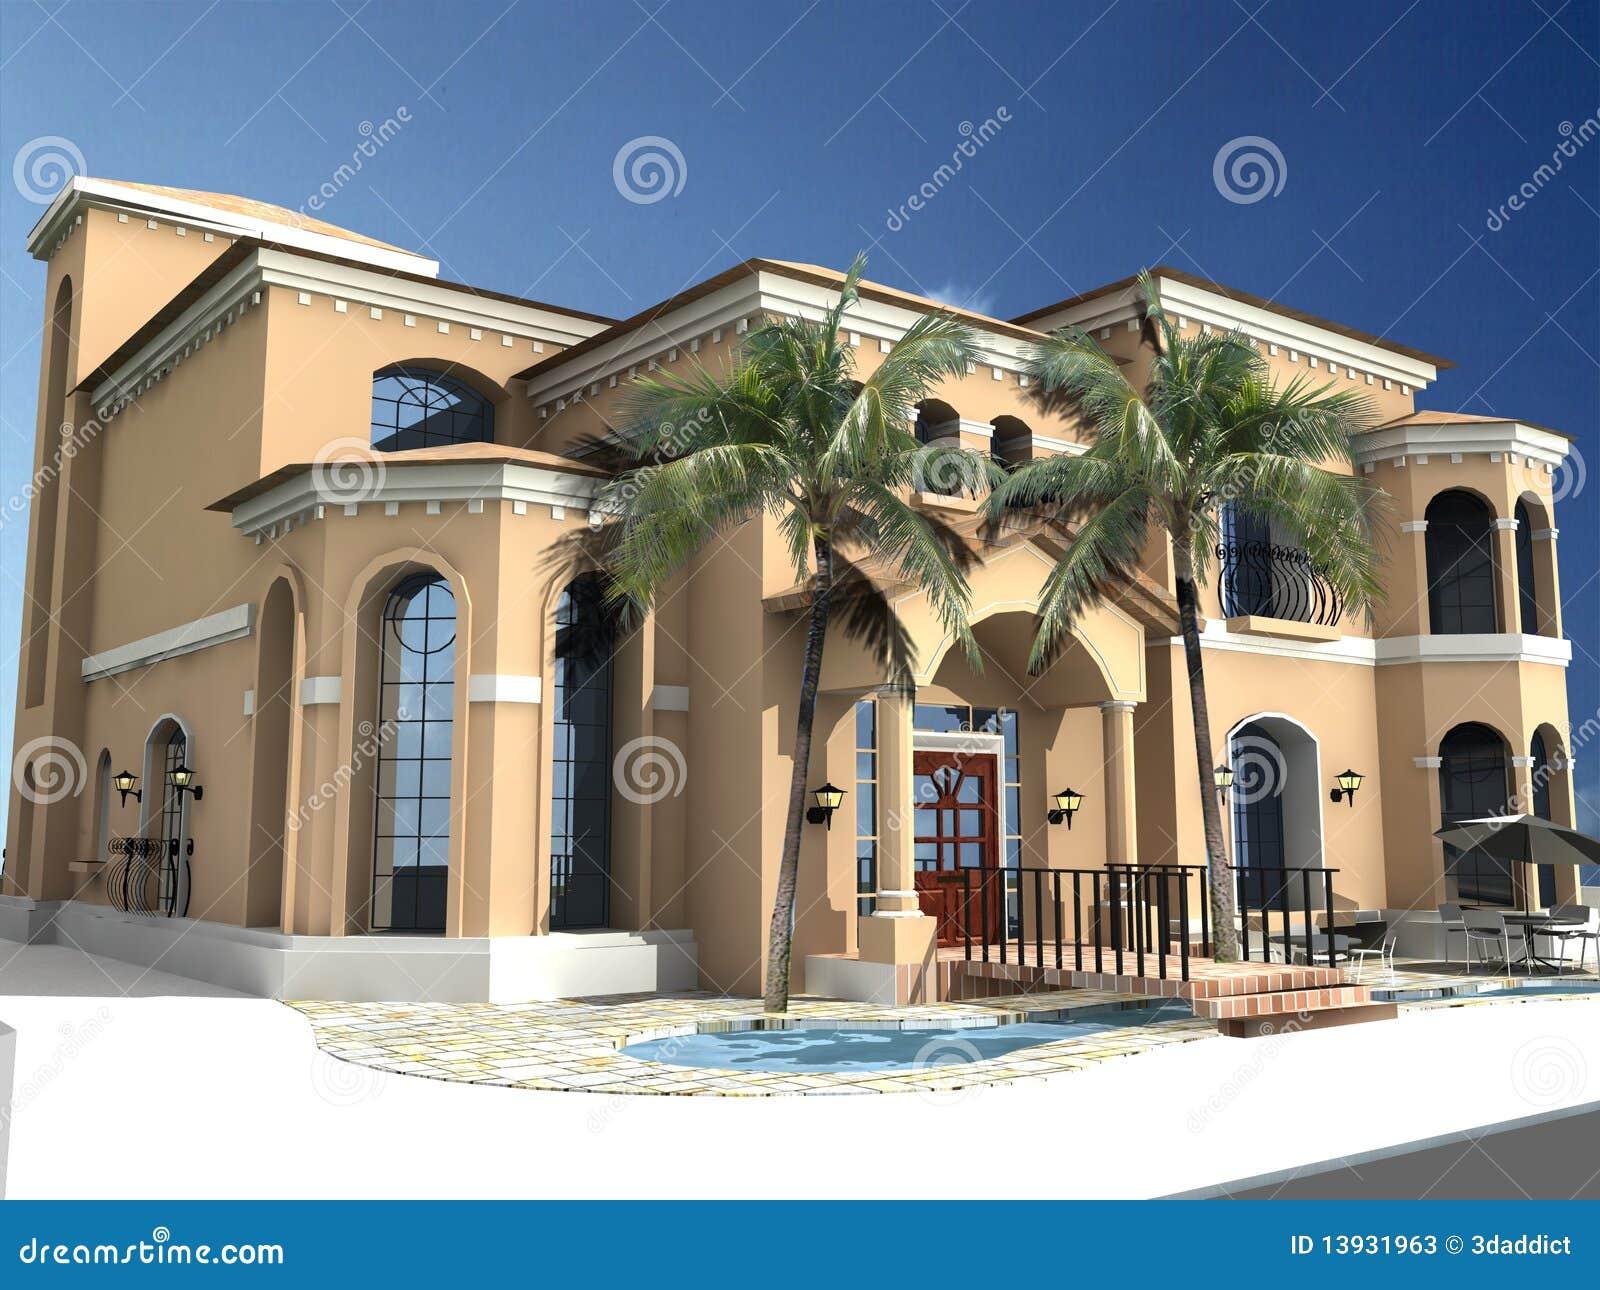 Spanish Style Villa Stock Photos Image